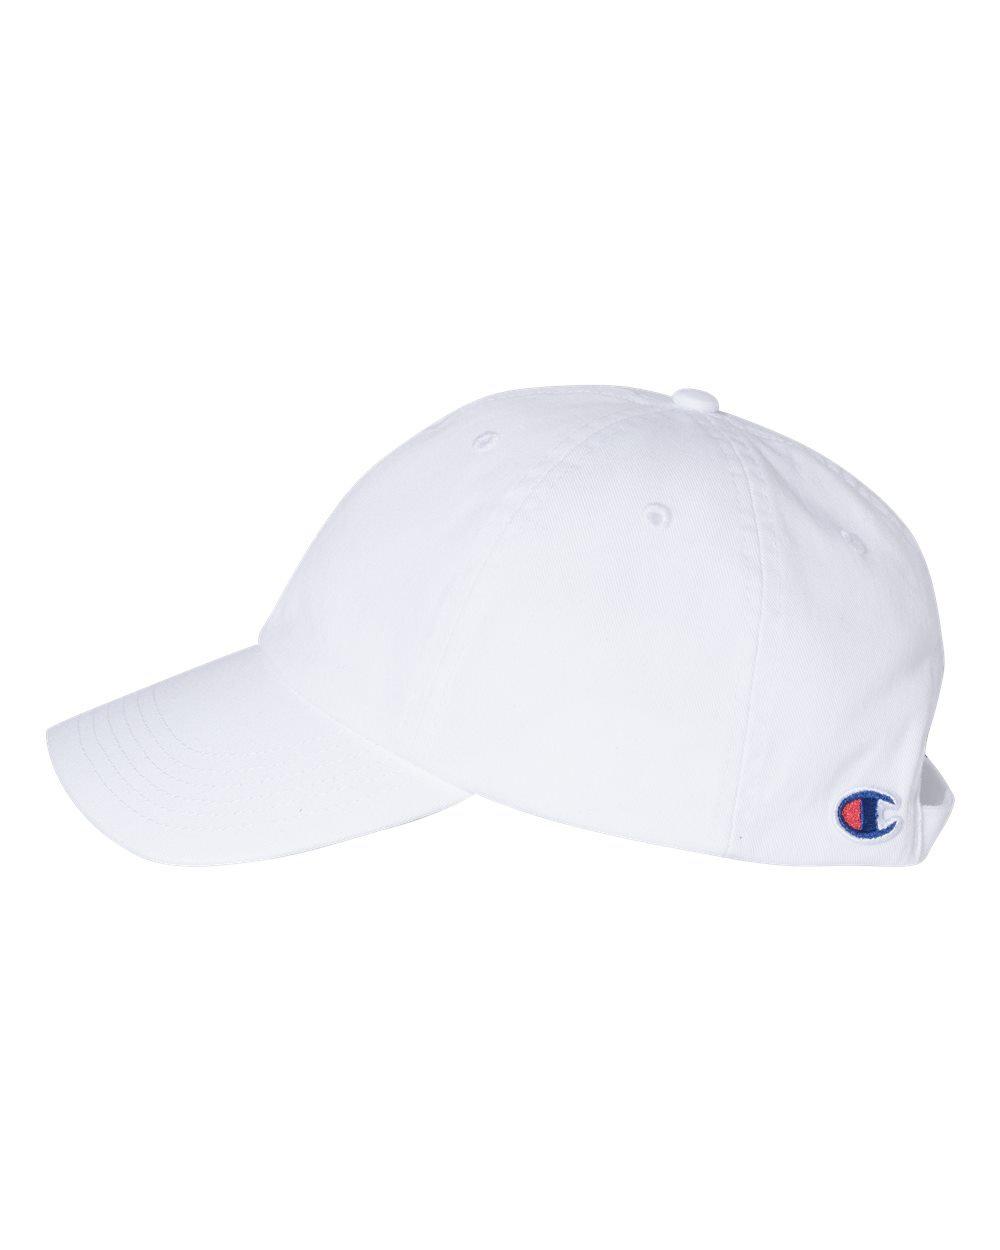 f6802d1b237d5 Champion - Washed Twill Dad Cap - CS4000